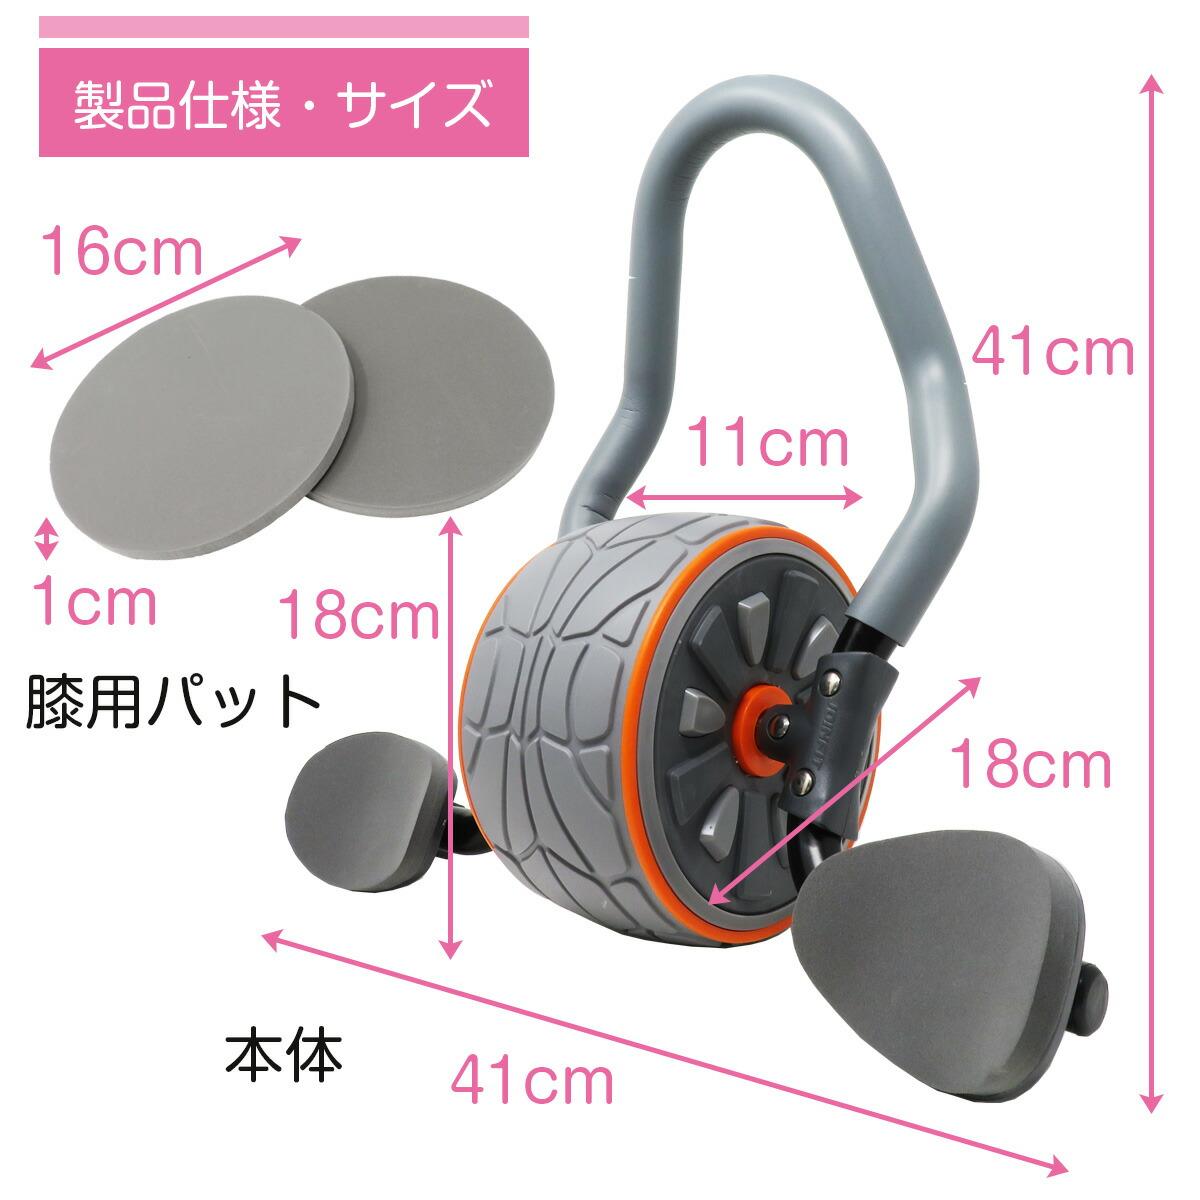 プランクローラーサイズ寸法